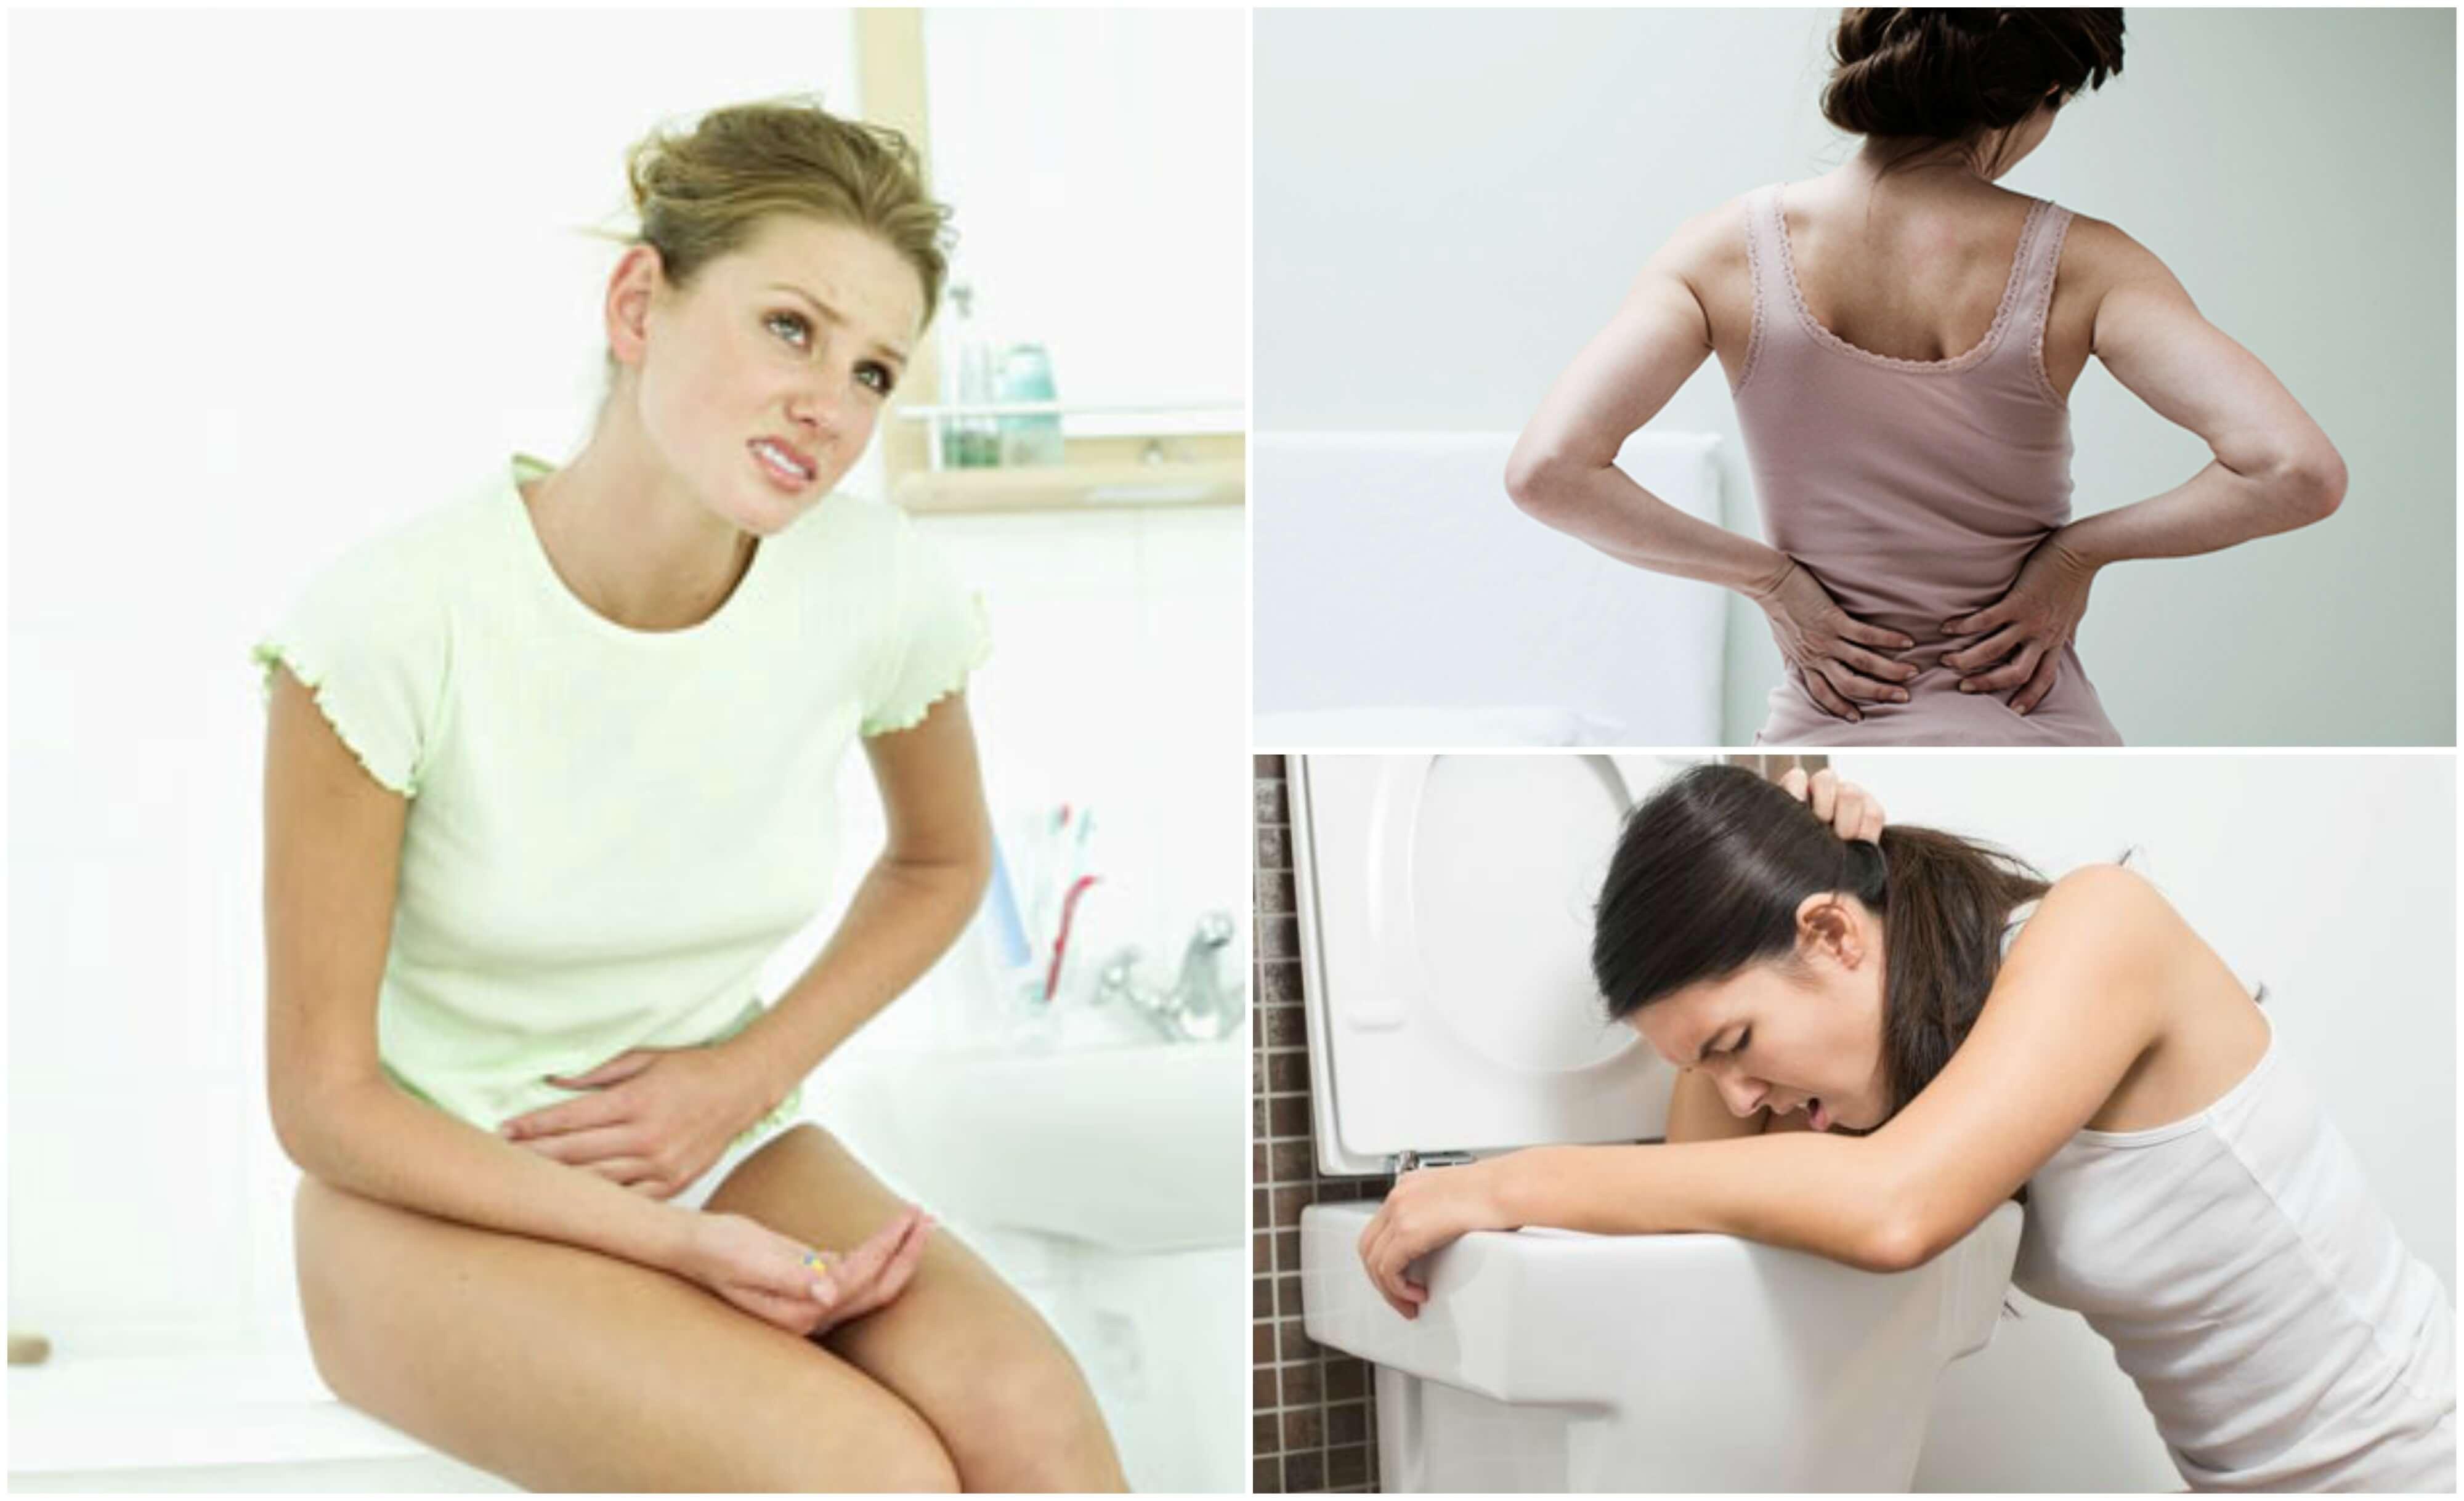 Os 10 melhores remédios caseiros para remover pedras nos rins